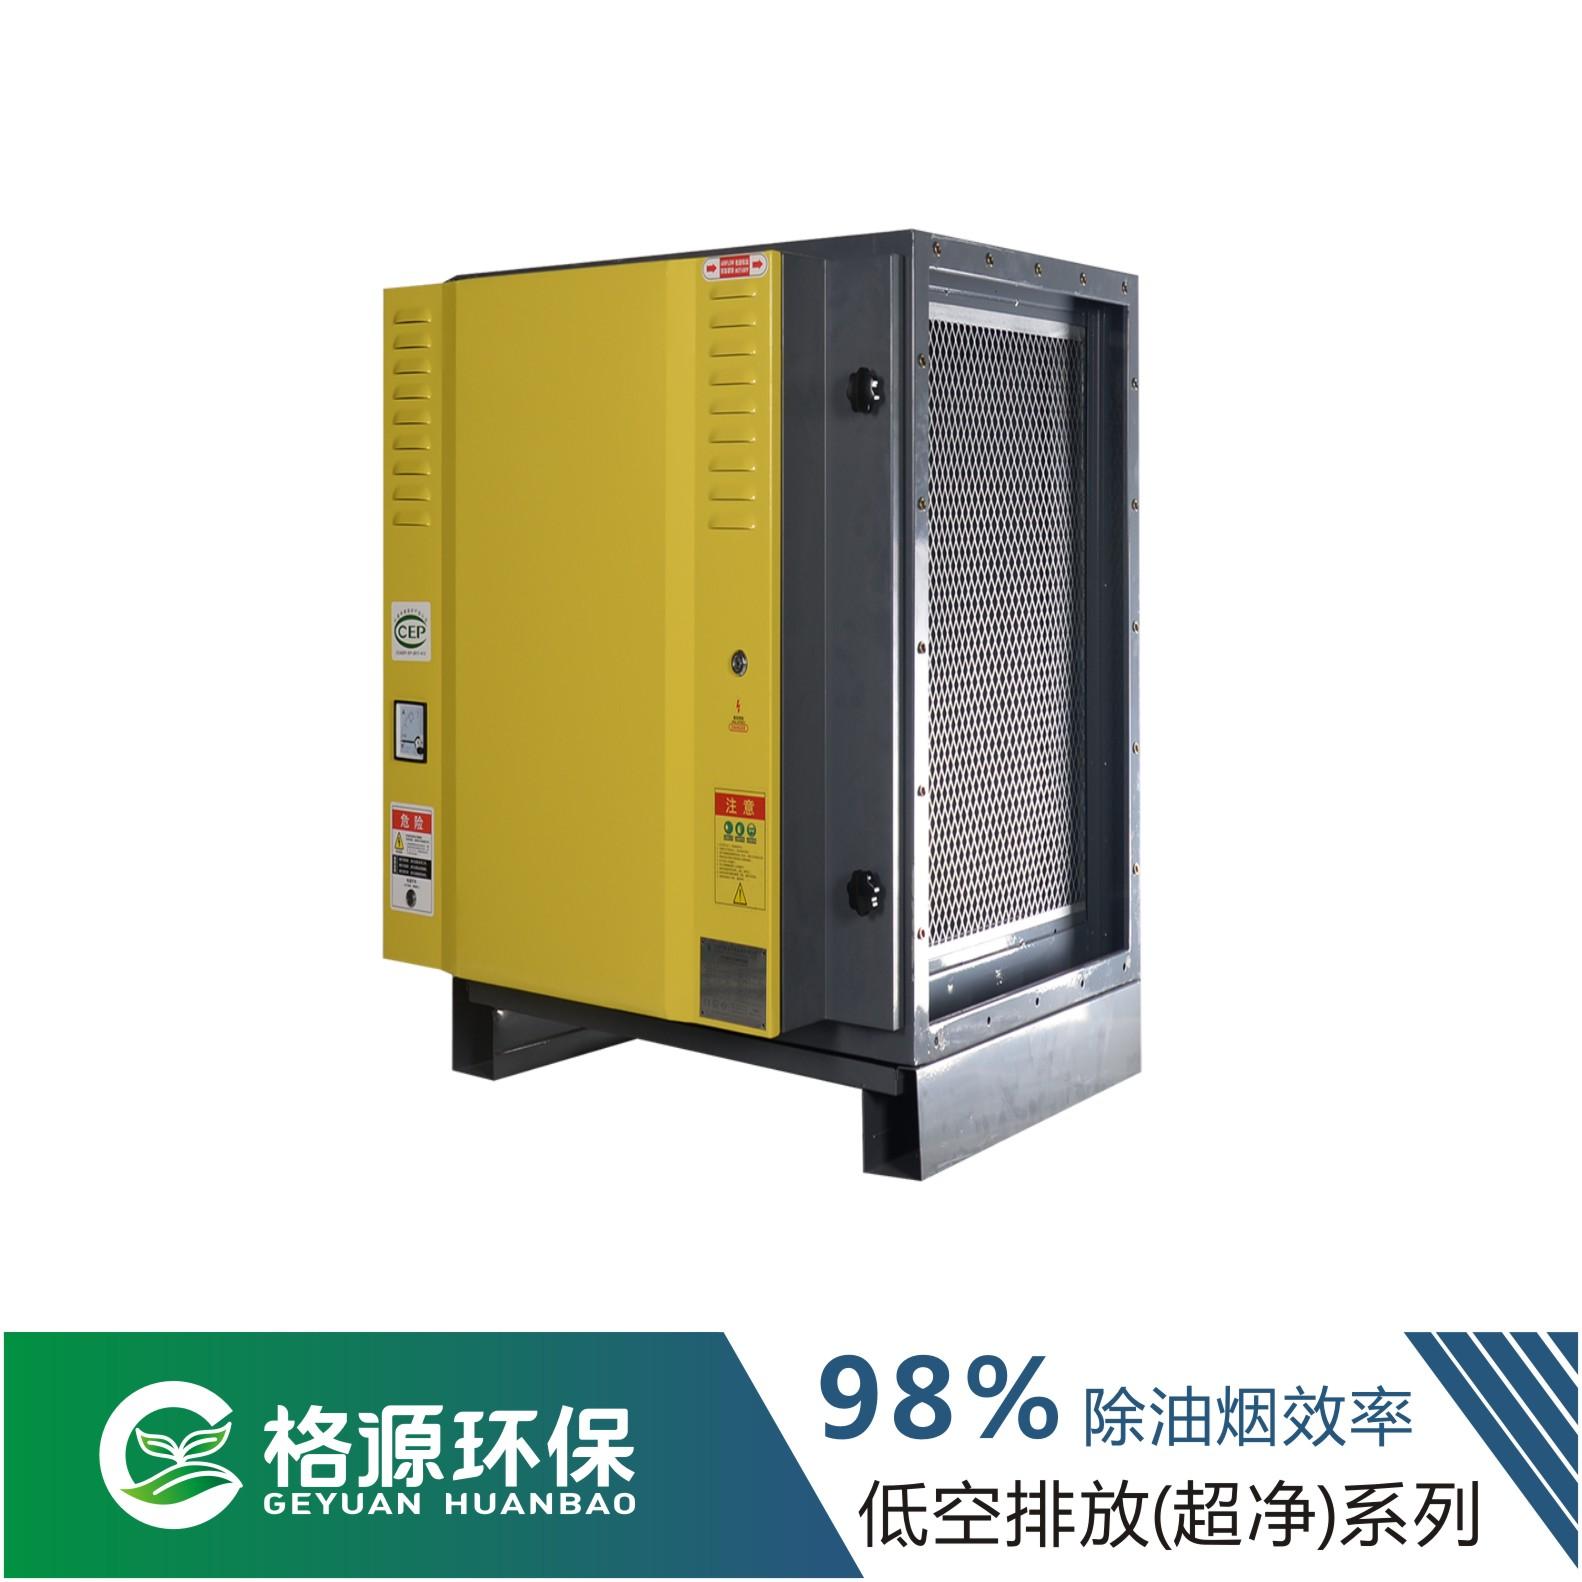 餐饮油烟净化—低空排放G36000-45000